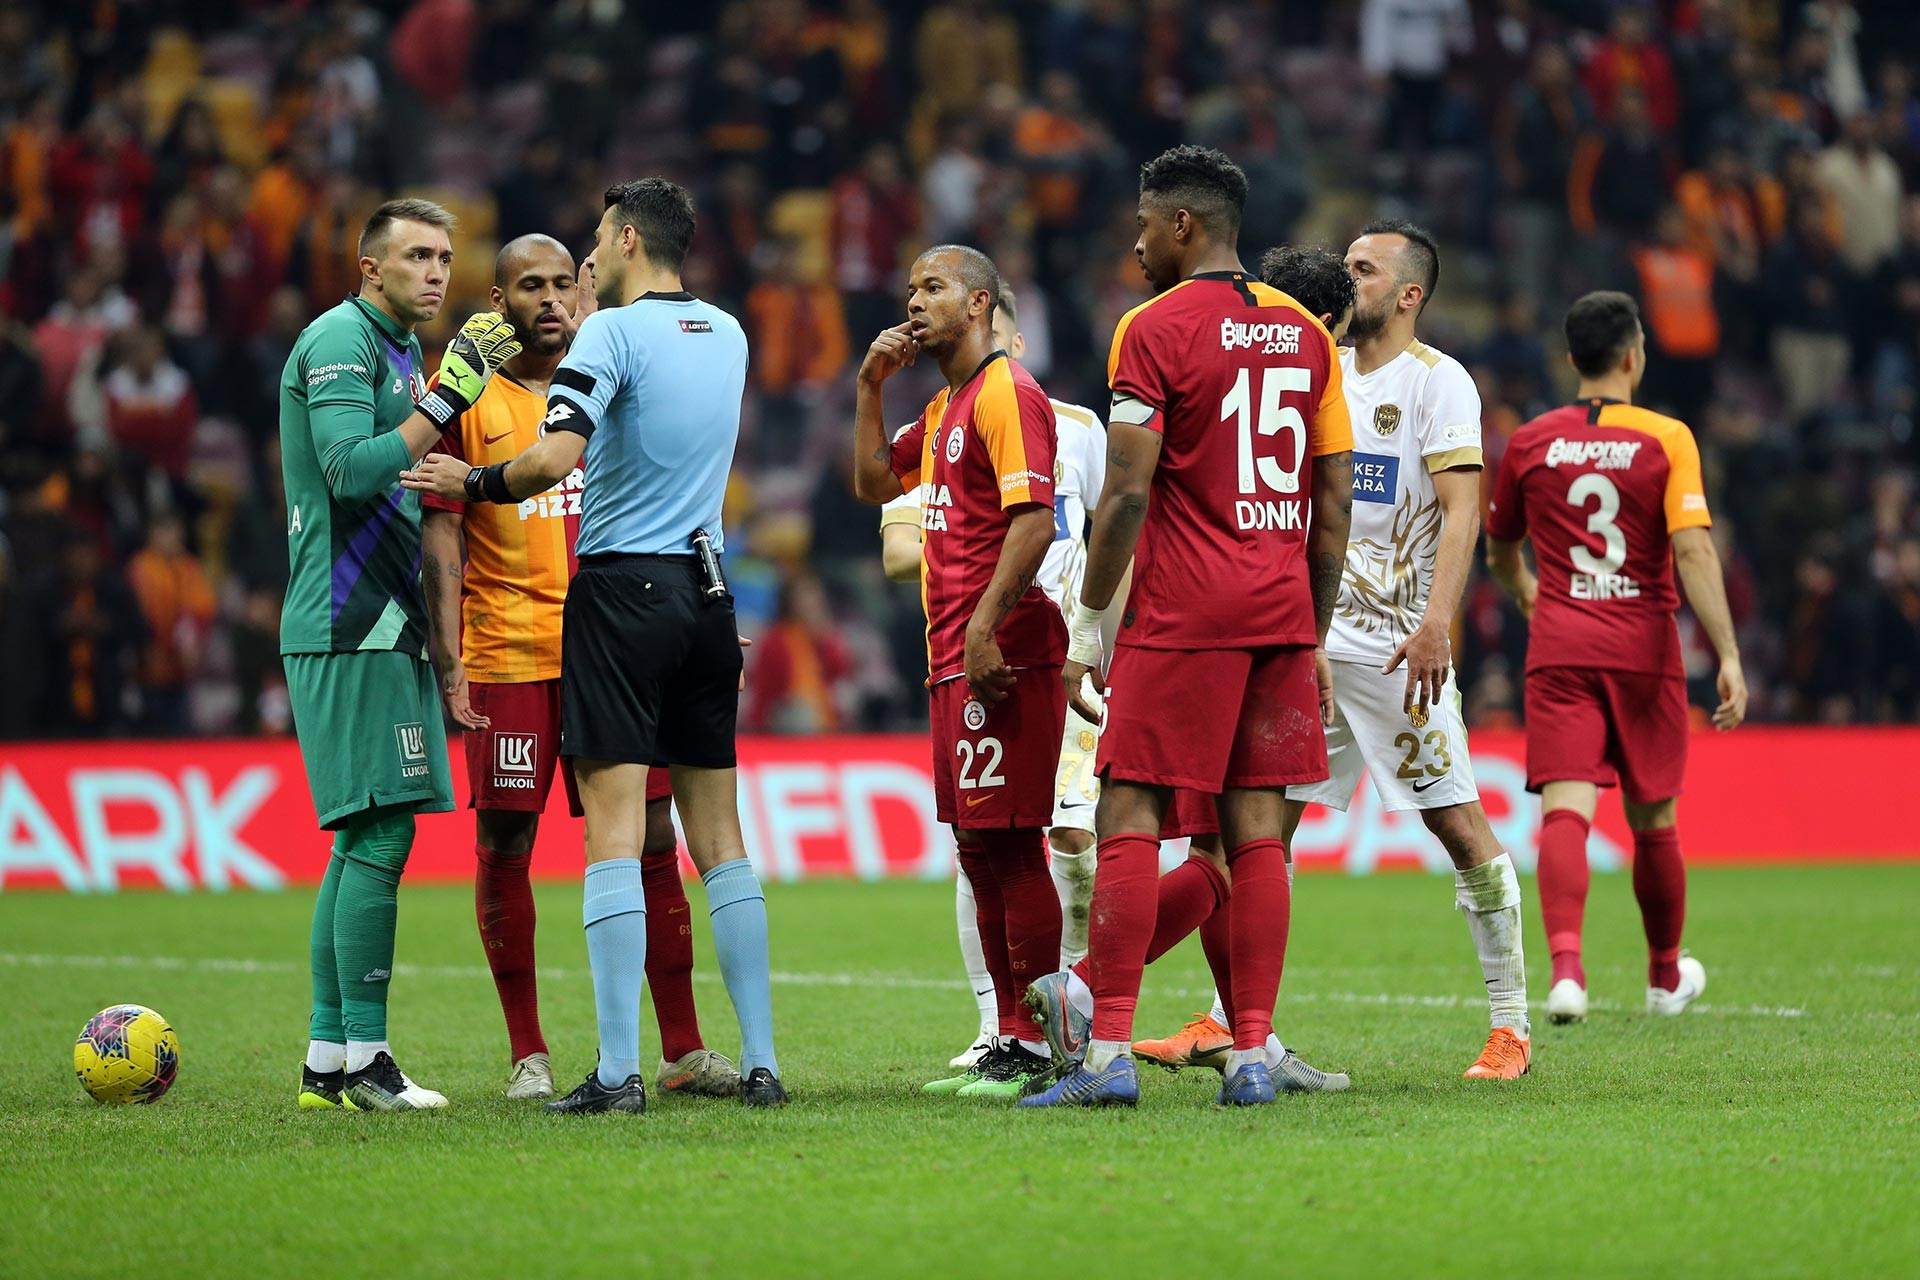 Galatasaray-Ankaragücü maçında Galatasaraylı oyuncular hakeme itiraz ederken